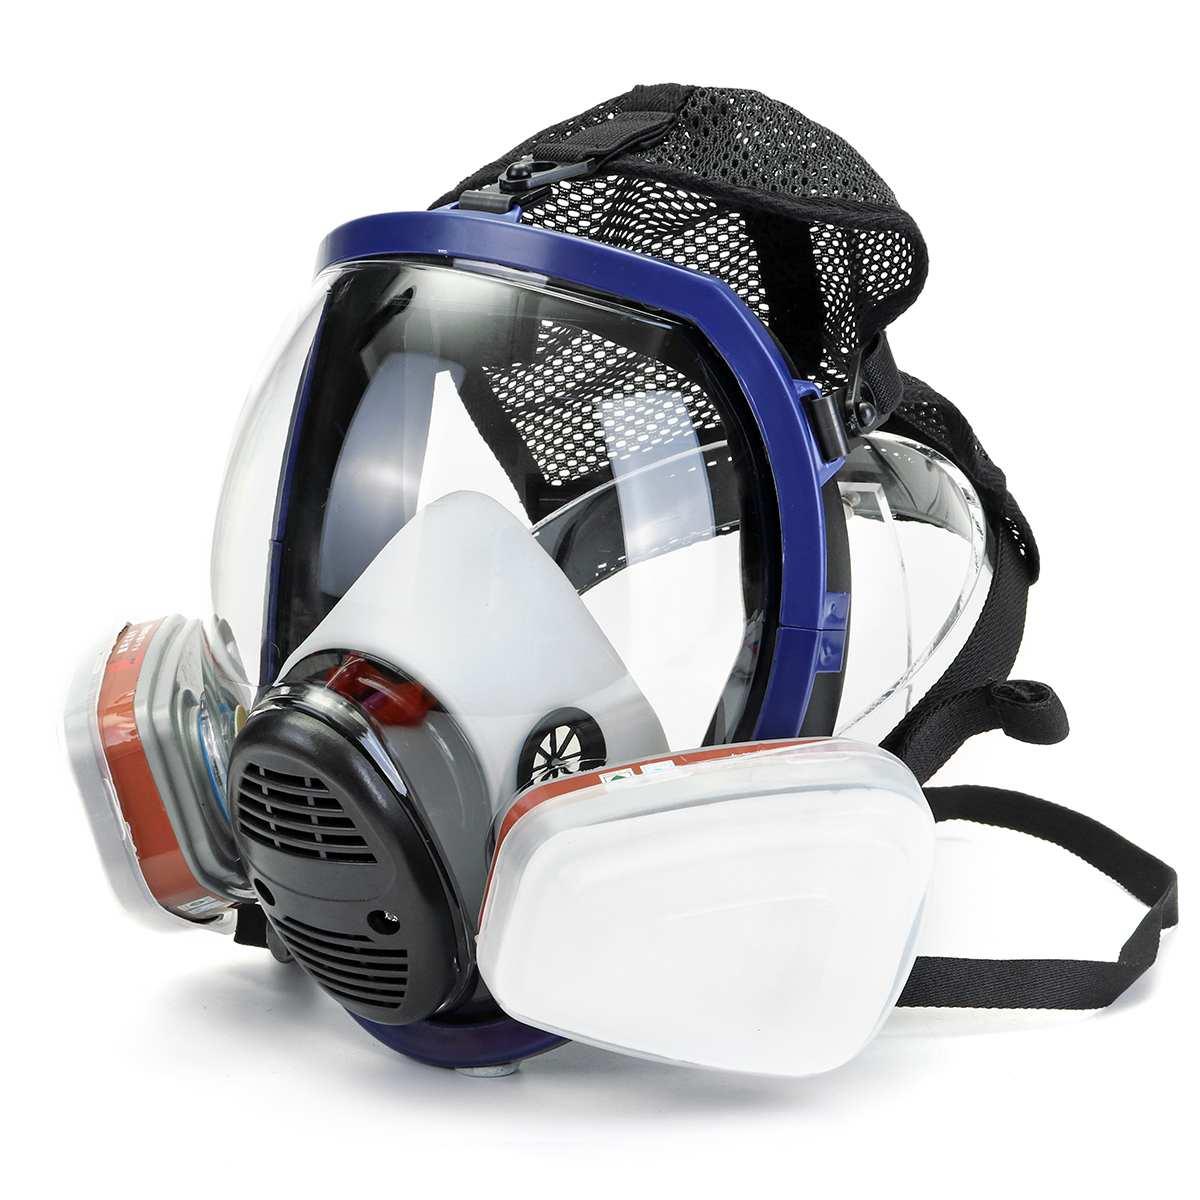 15 en 1 masque à gaz pour 6800 visage complet masque anti-poussière respirateur peinture pulvérisation chimique laboratoire médical travail de sécurité